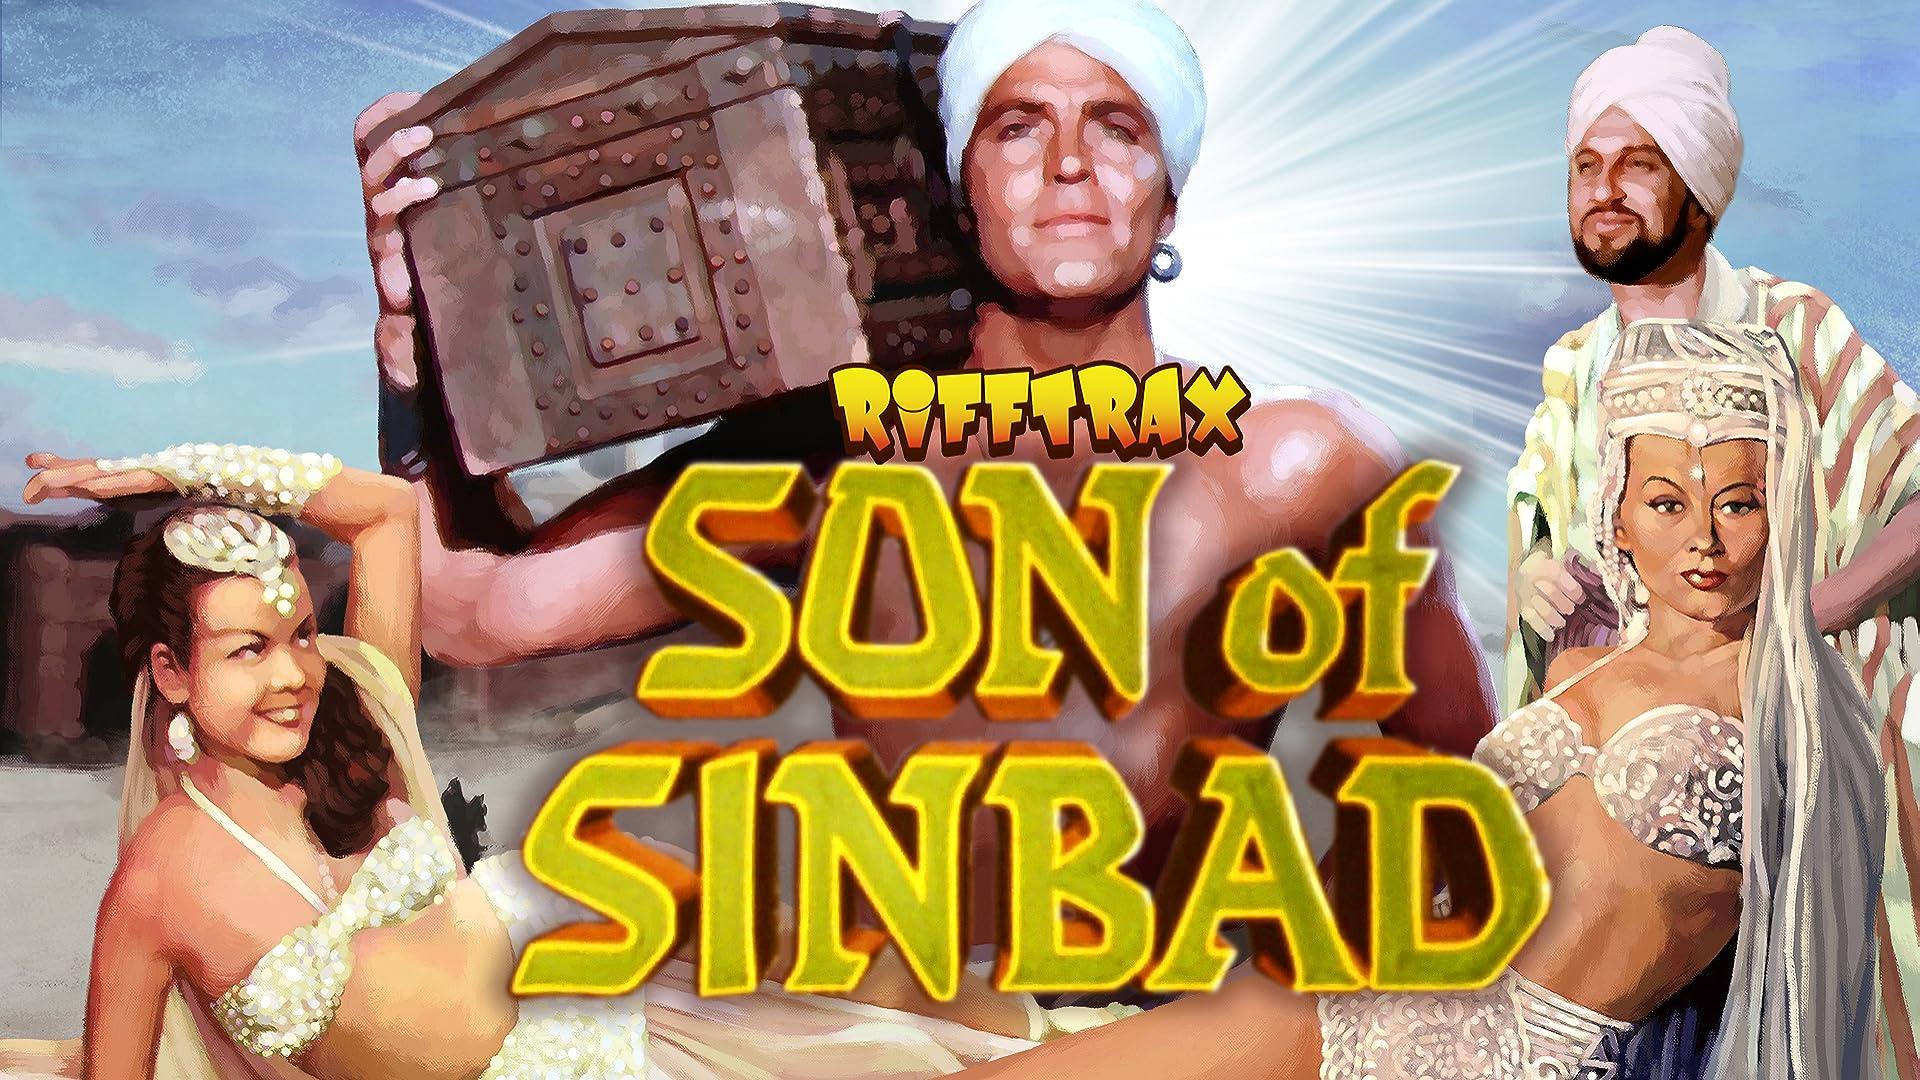 RiffTrax: Son of Sinbad